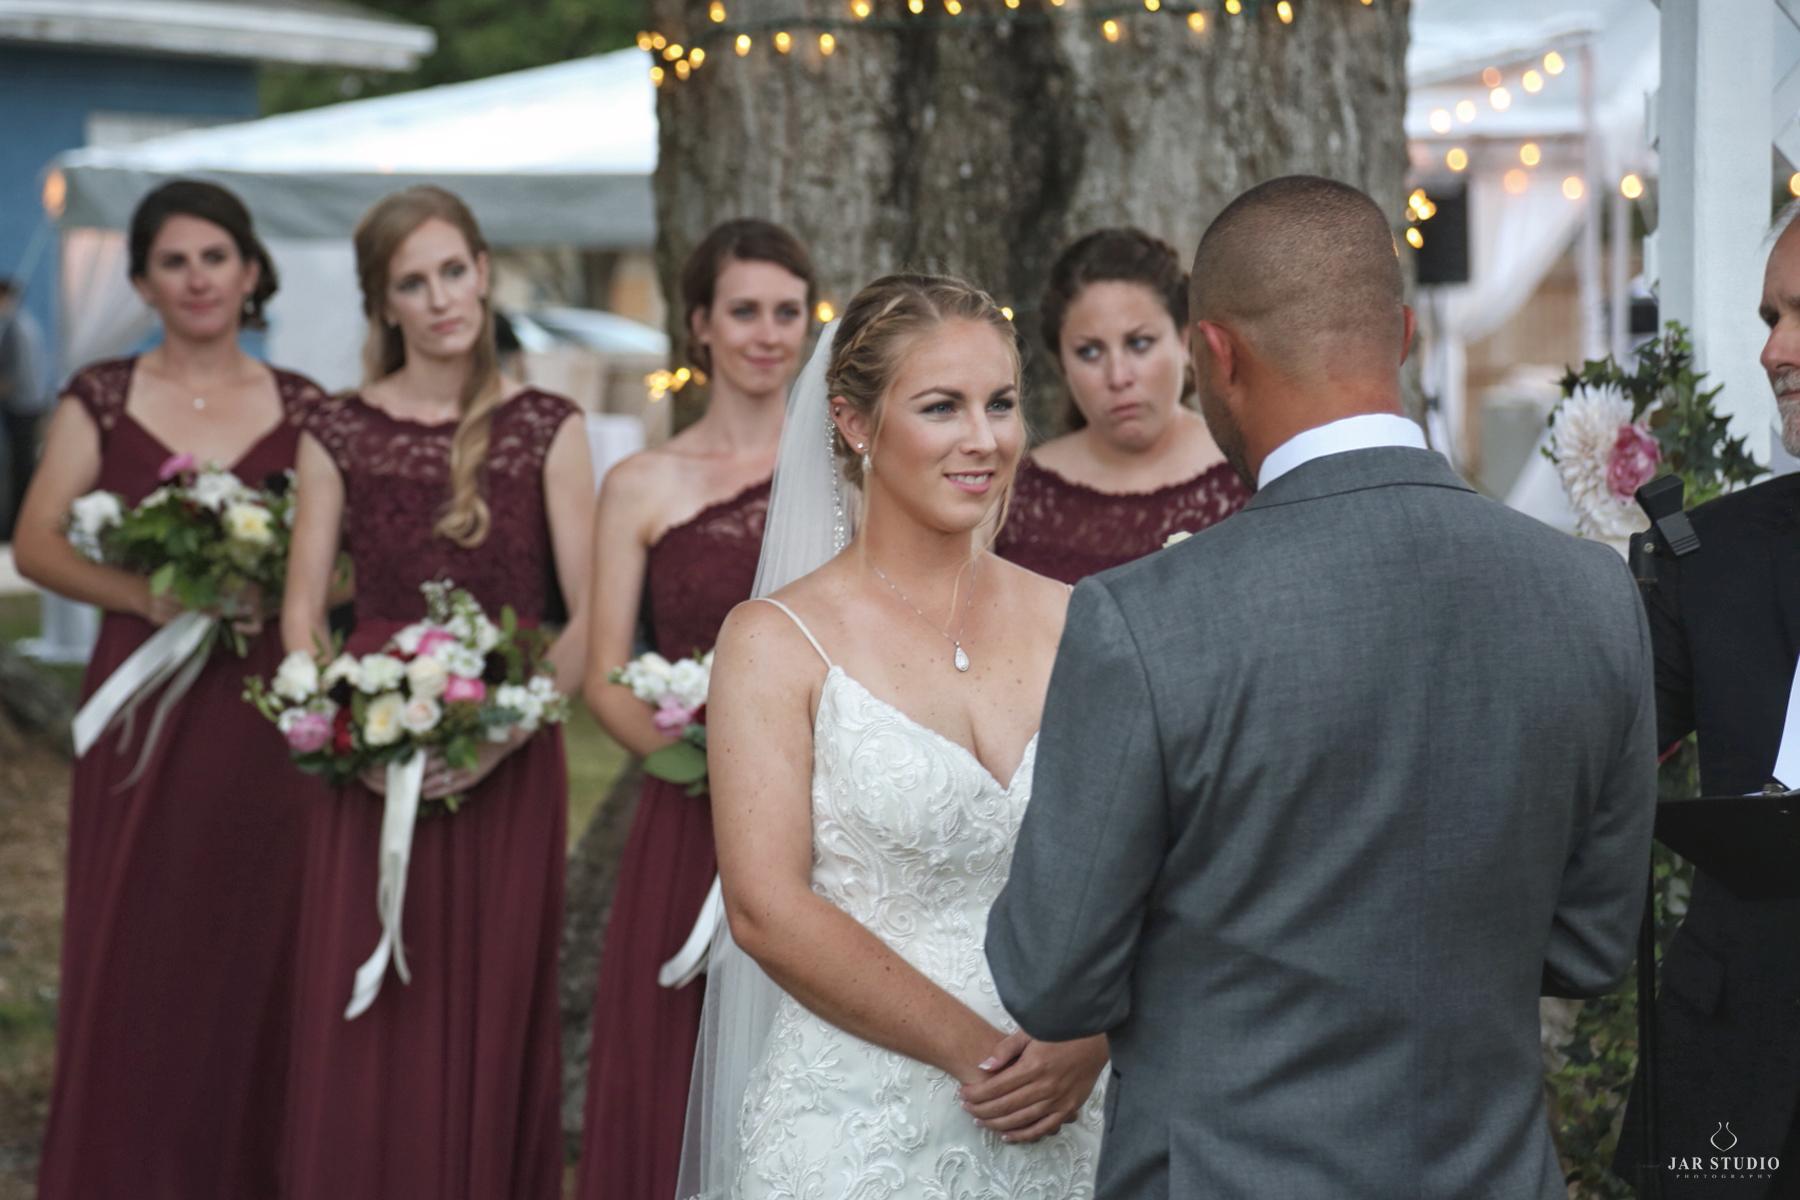 jarstudio-wedding-photographer-357.JPG